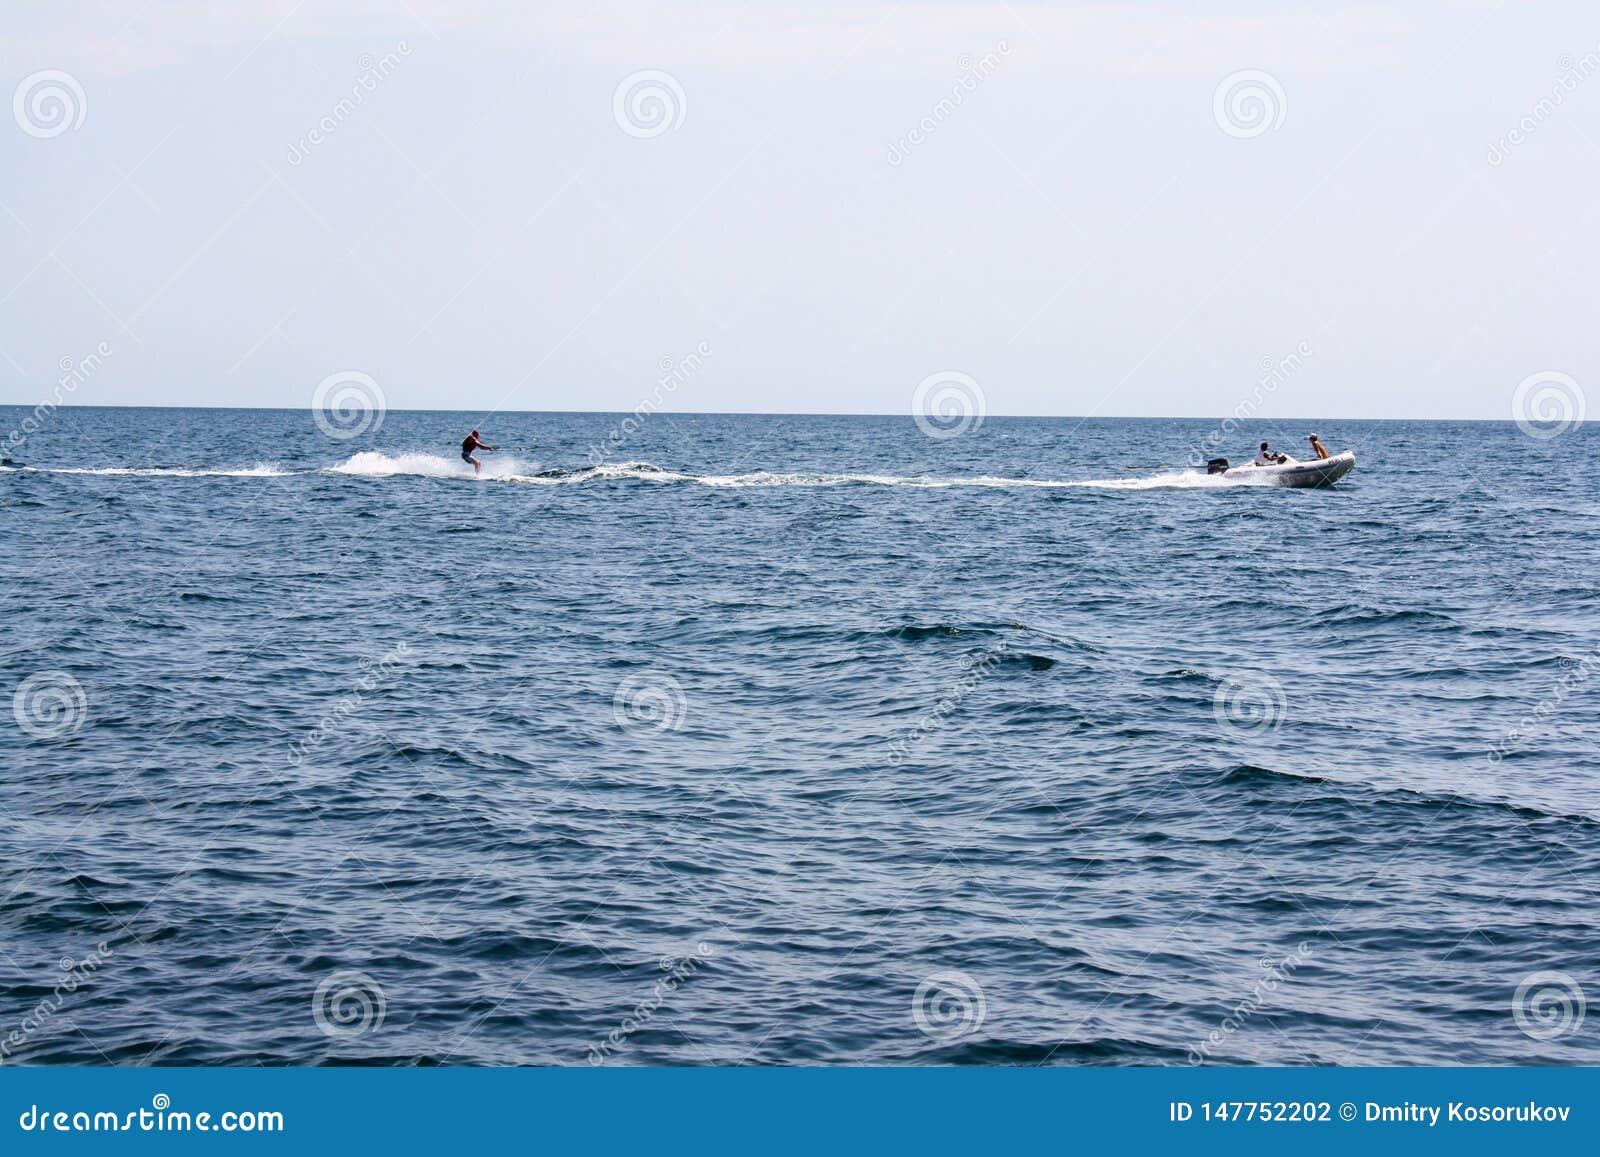 Катание на водных лыжах шлюпкой на море